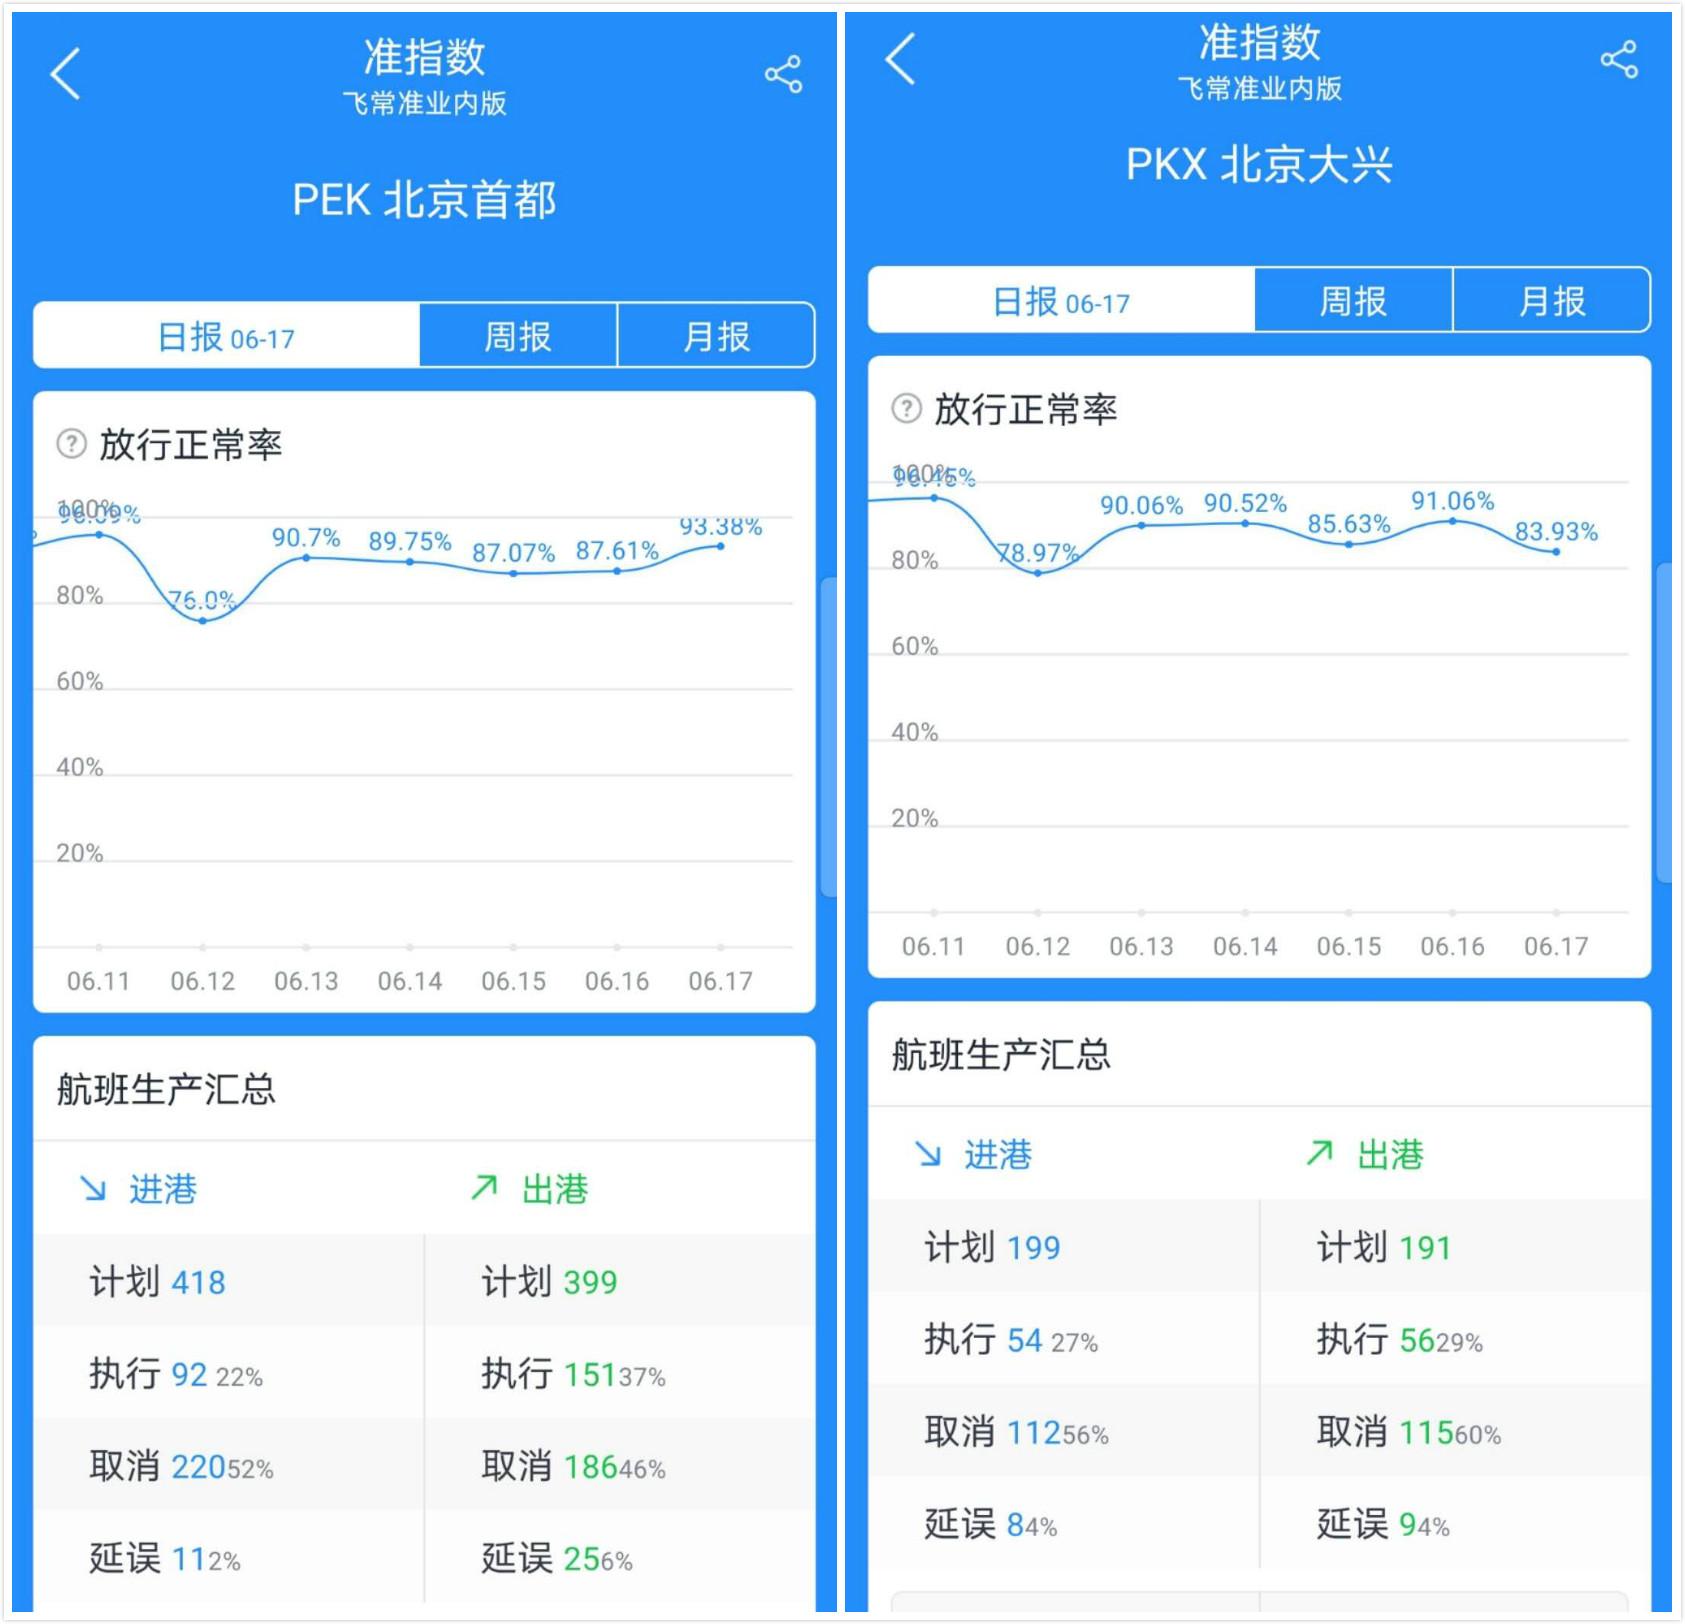 【厦门炮兵社区app顾问】_北京两大机场取消630架次航班,多条航线受影响较大